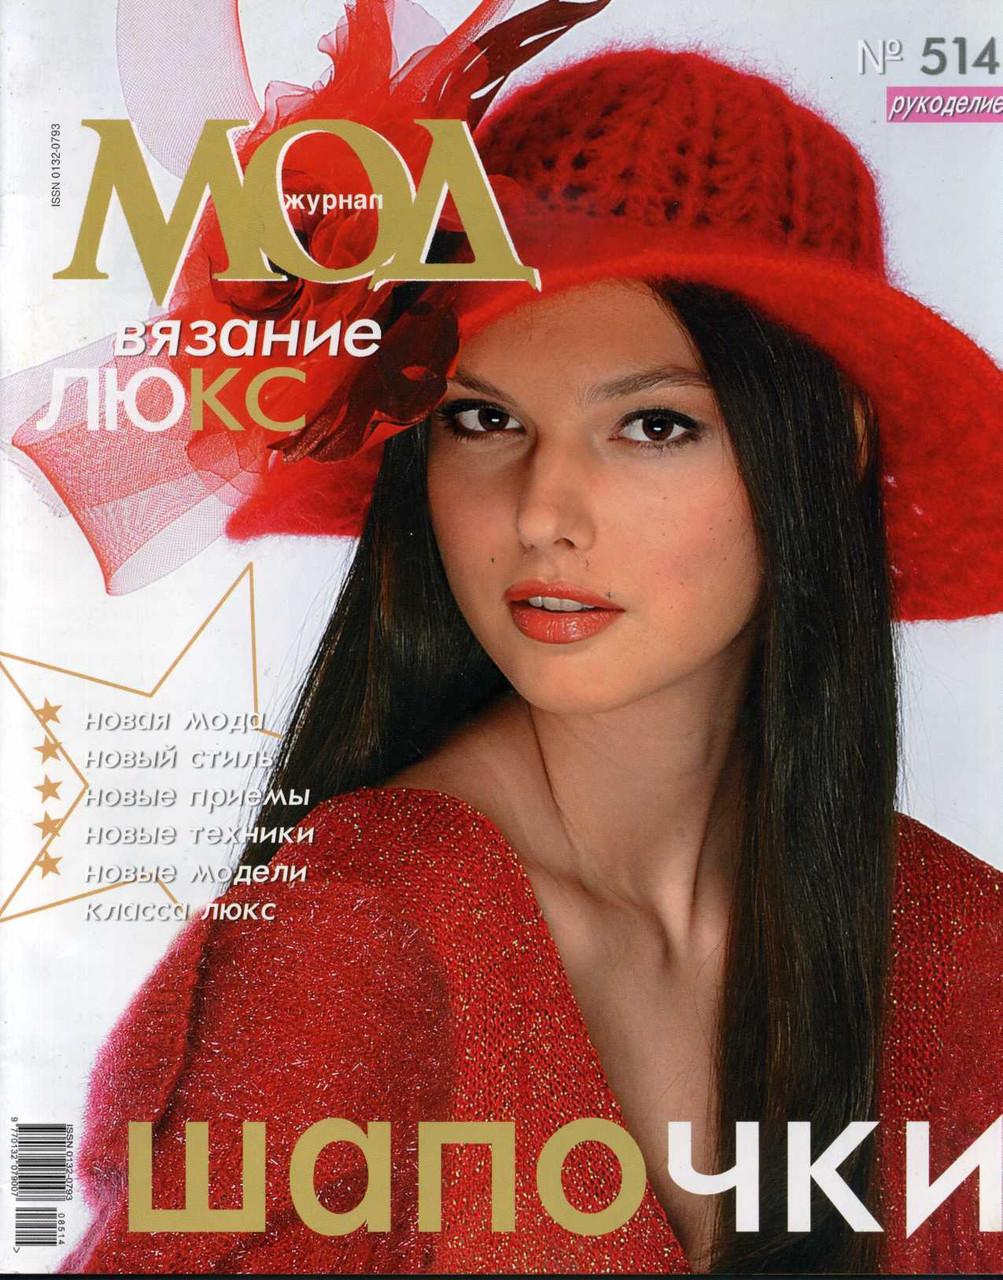 """Журнал по вязанию. """"Журнал мод"""" № 514"""